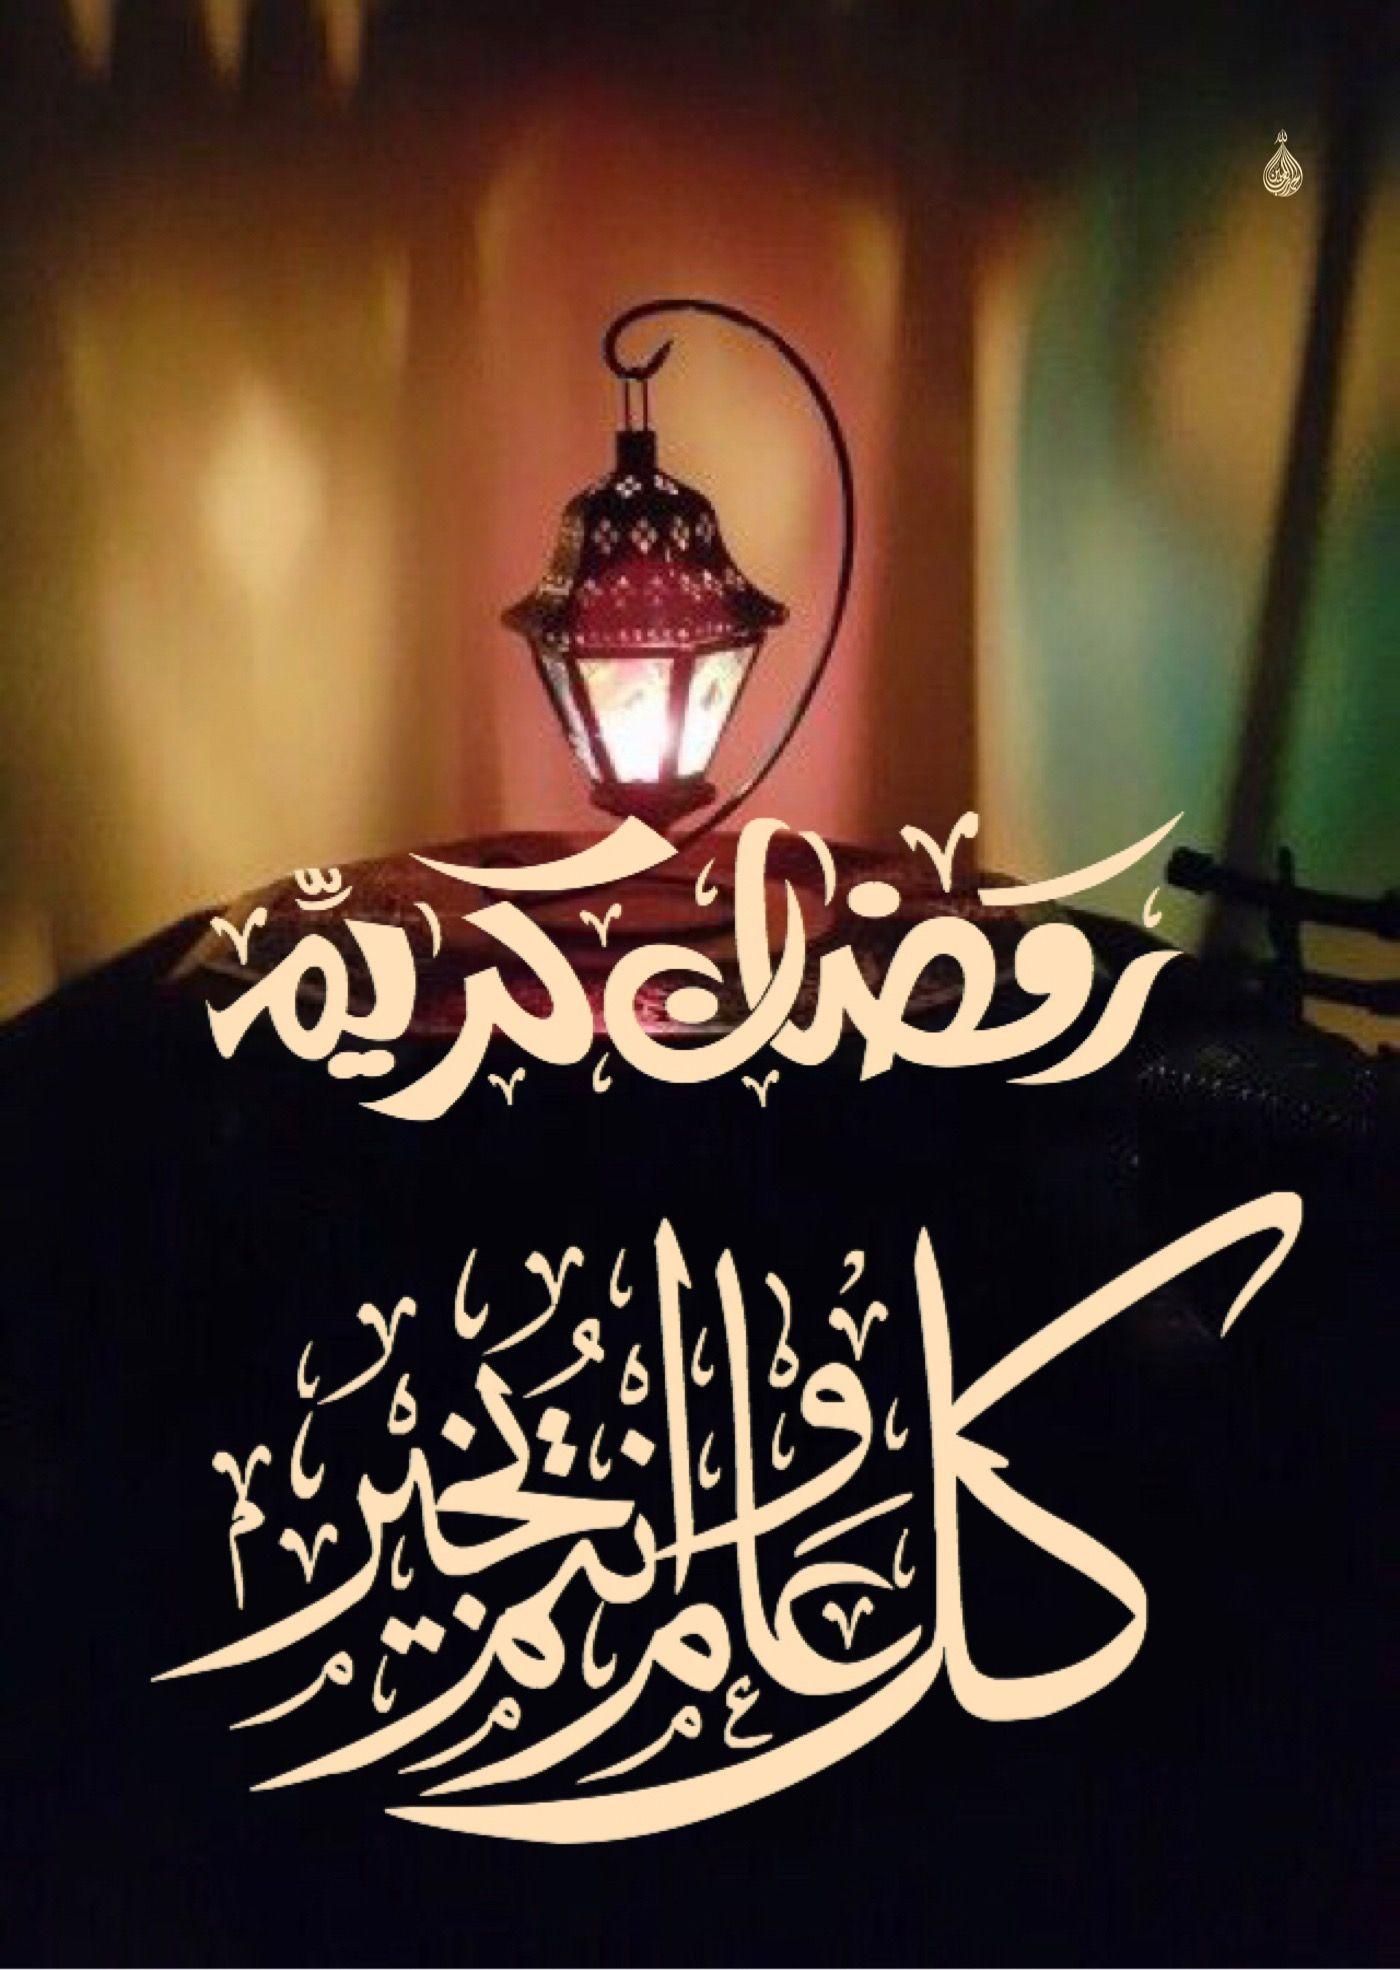 أدعية إسلاميه أذكار دعاء صور إسلامية الله الله اكبر استغفر الله مسلم قرأن إسلاميات إيمان أدعية دينية أدعية من القرأن دعا Ramadan Quotes Ramadan Ramadan Kareem